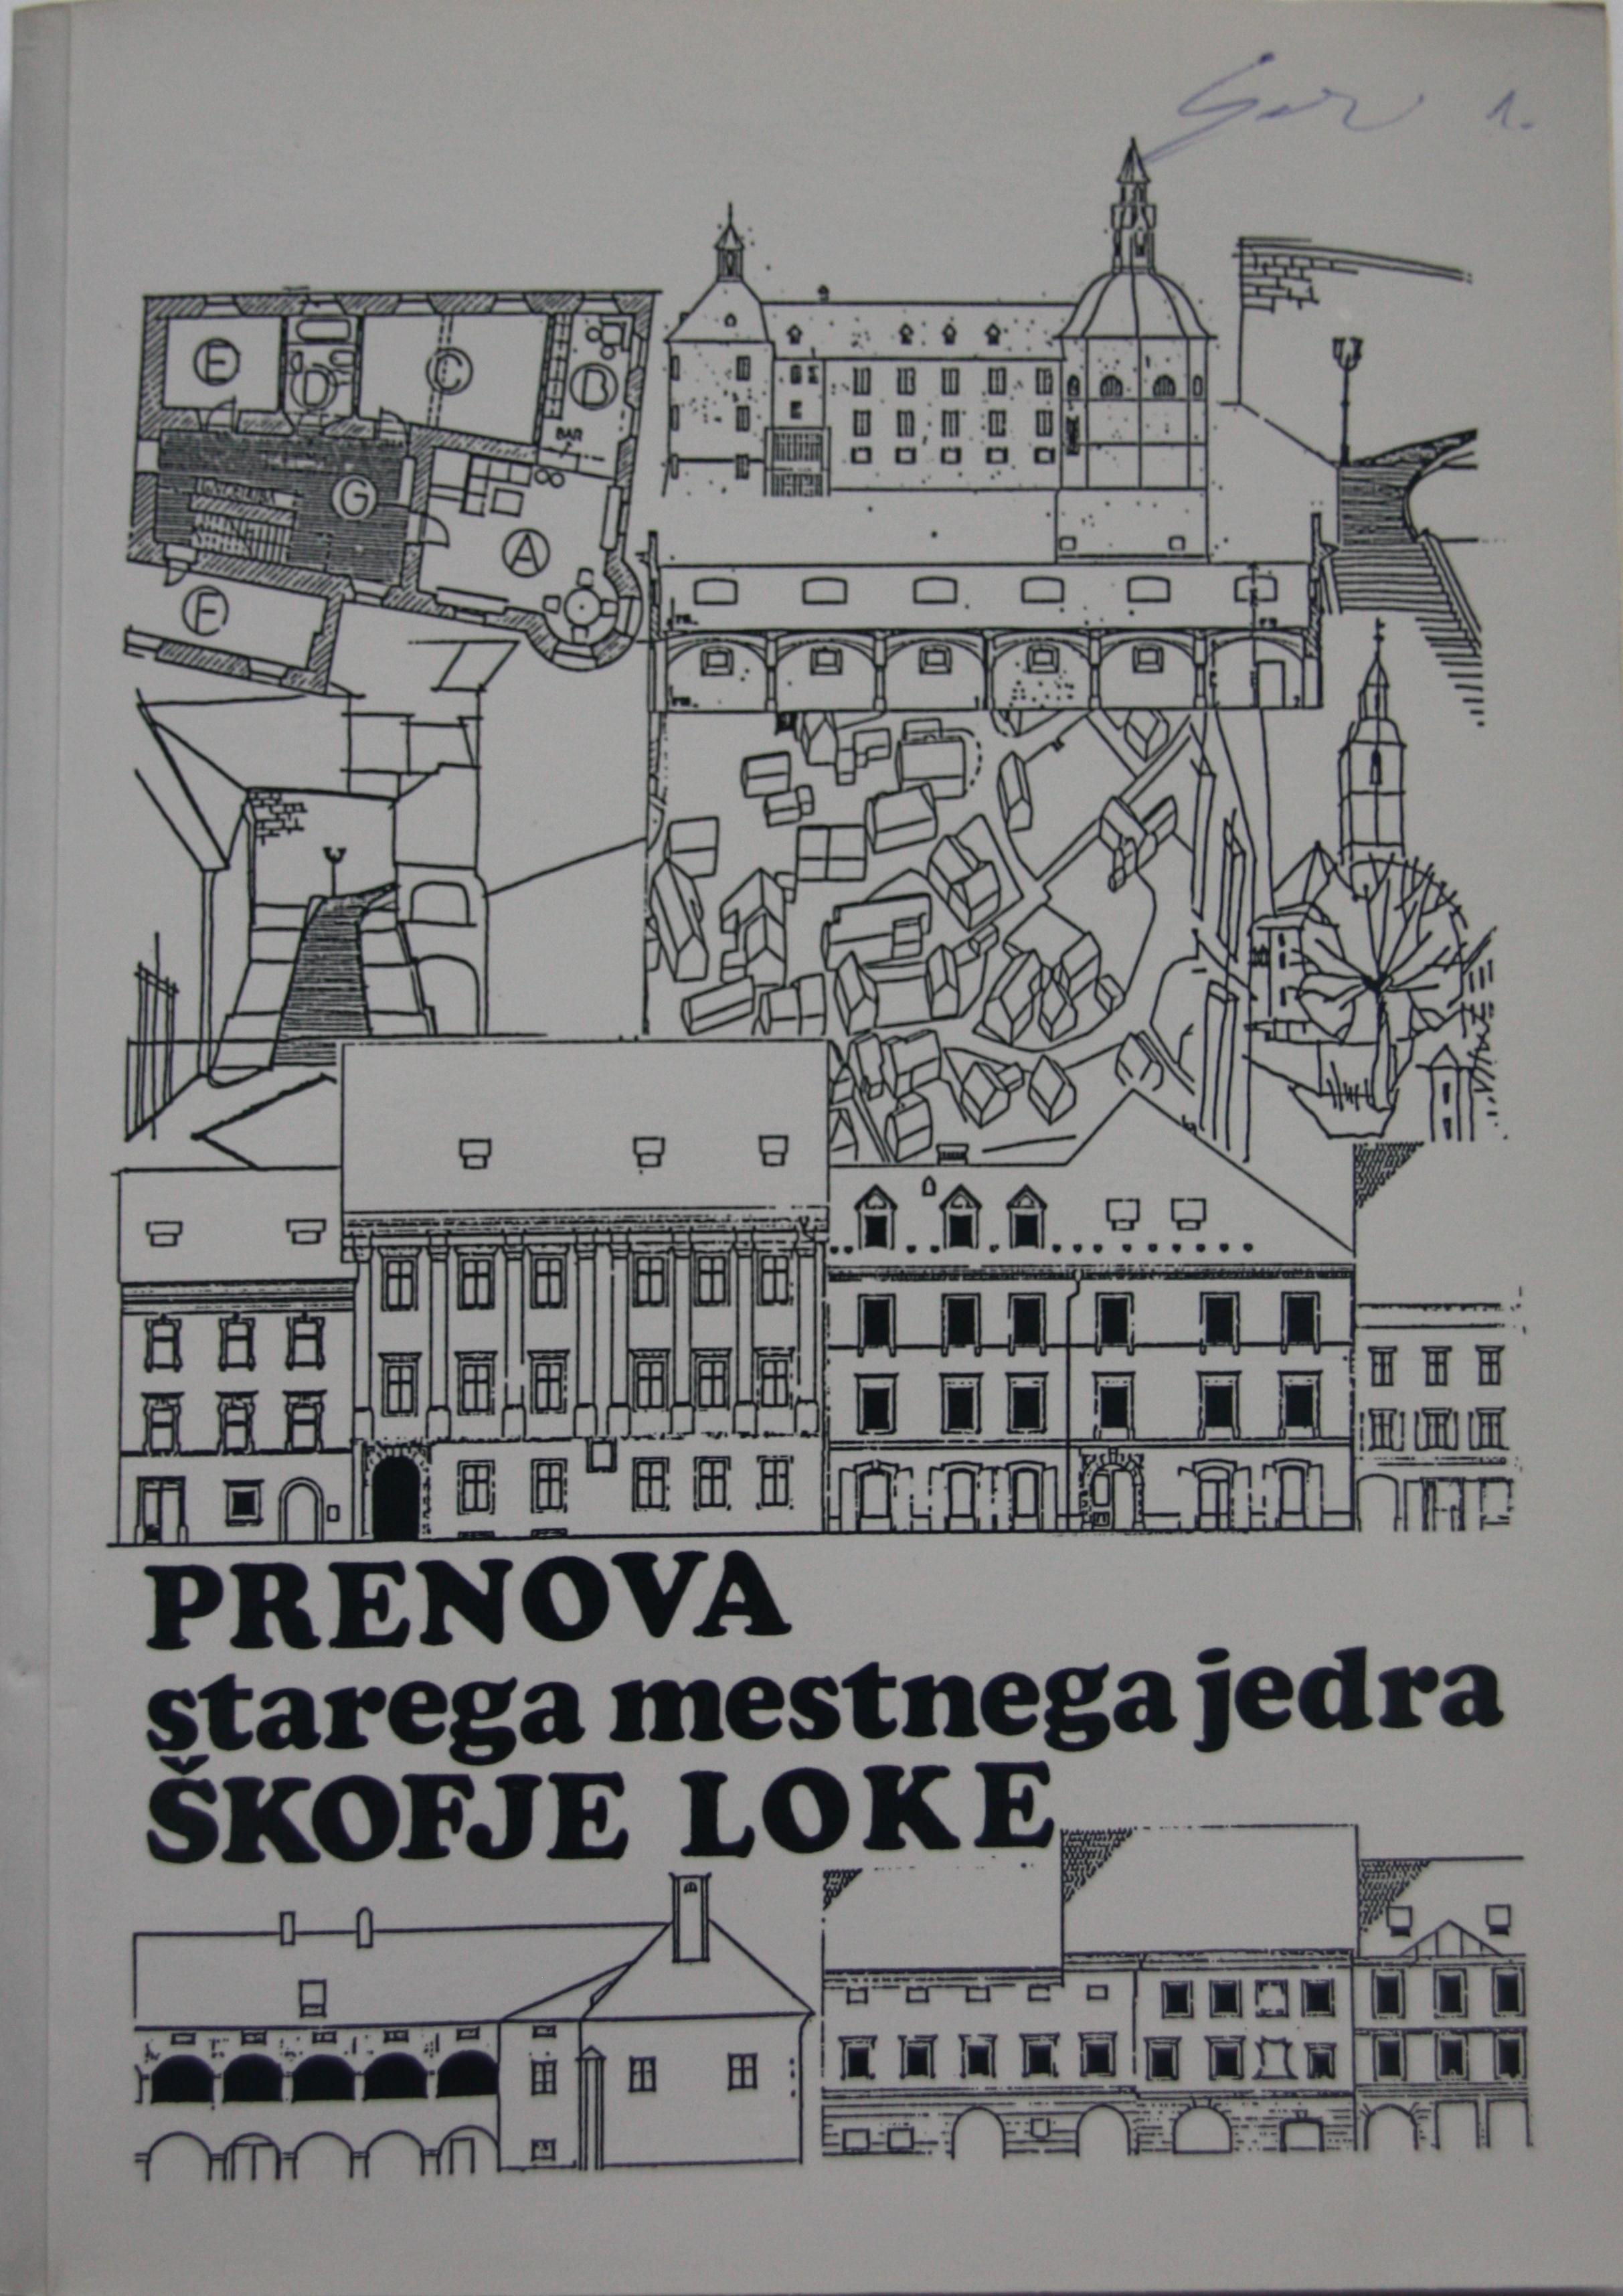 PRENOVA STAREGA MESTNEGA JEDRA ŠKOFJE LOKE Book Cover